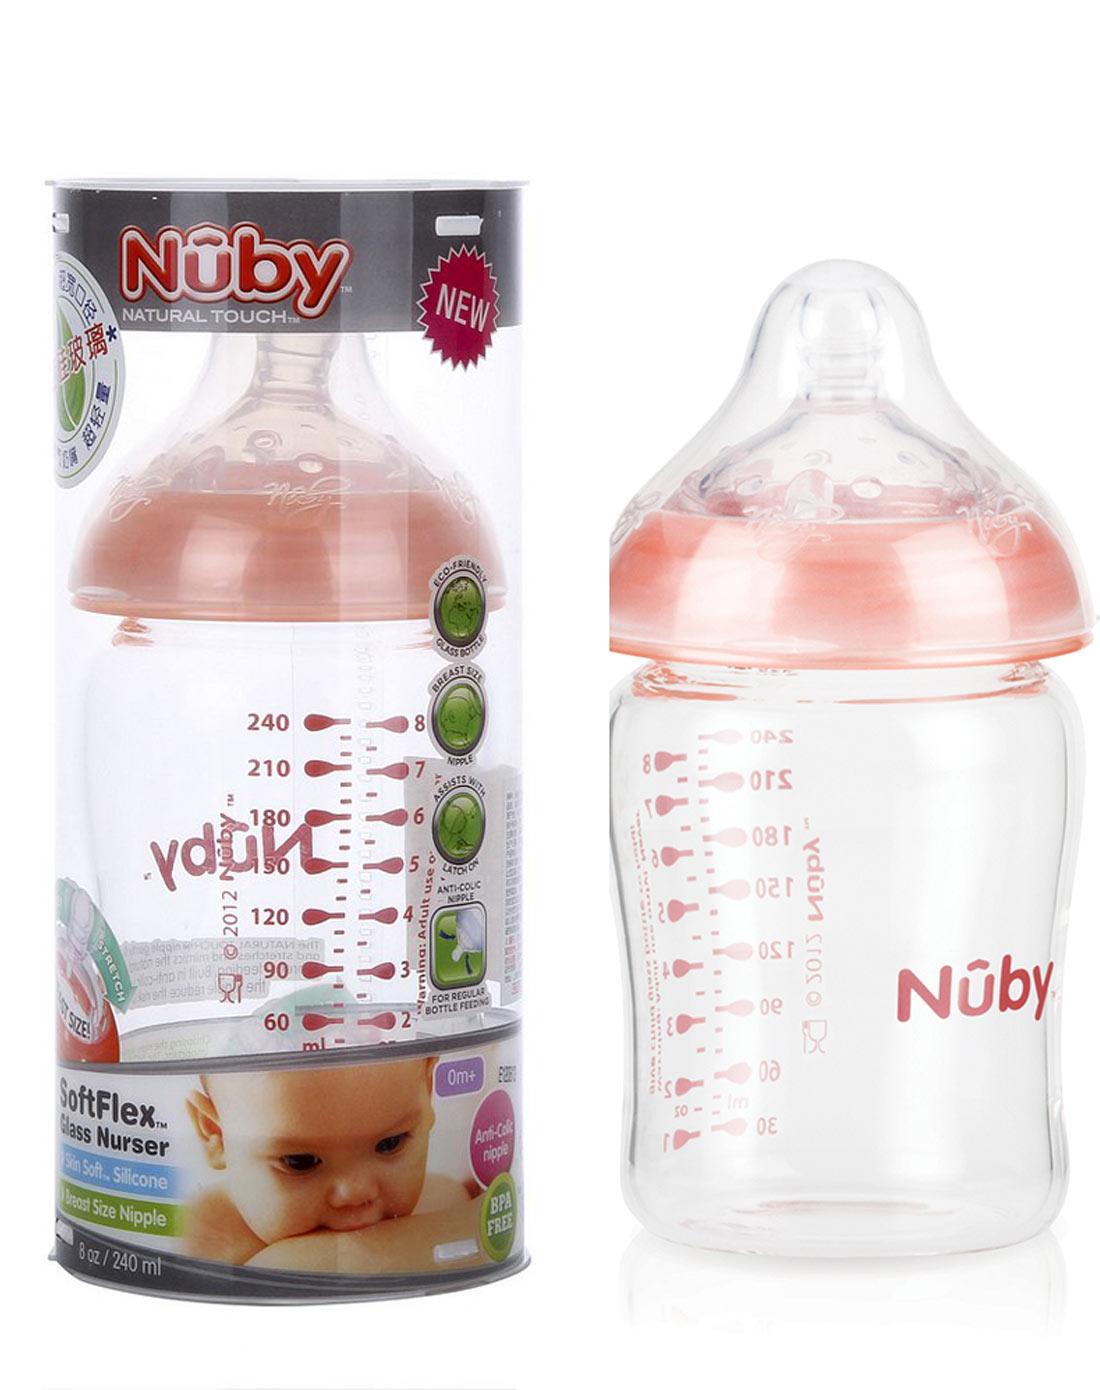 宝贝可爱nac nac&努比nuby婴童用品专场努比/nuby乳